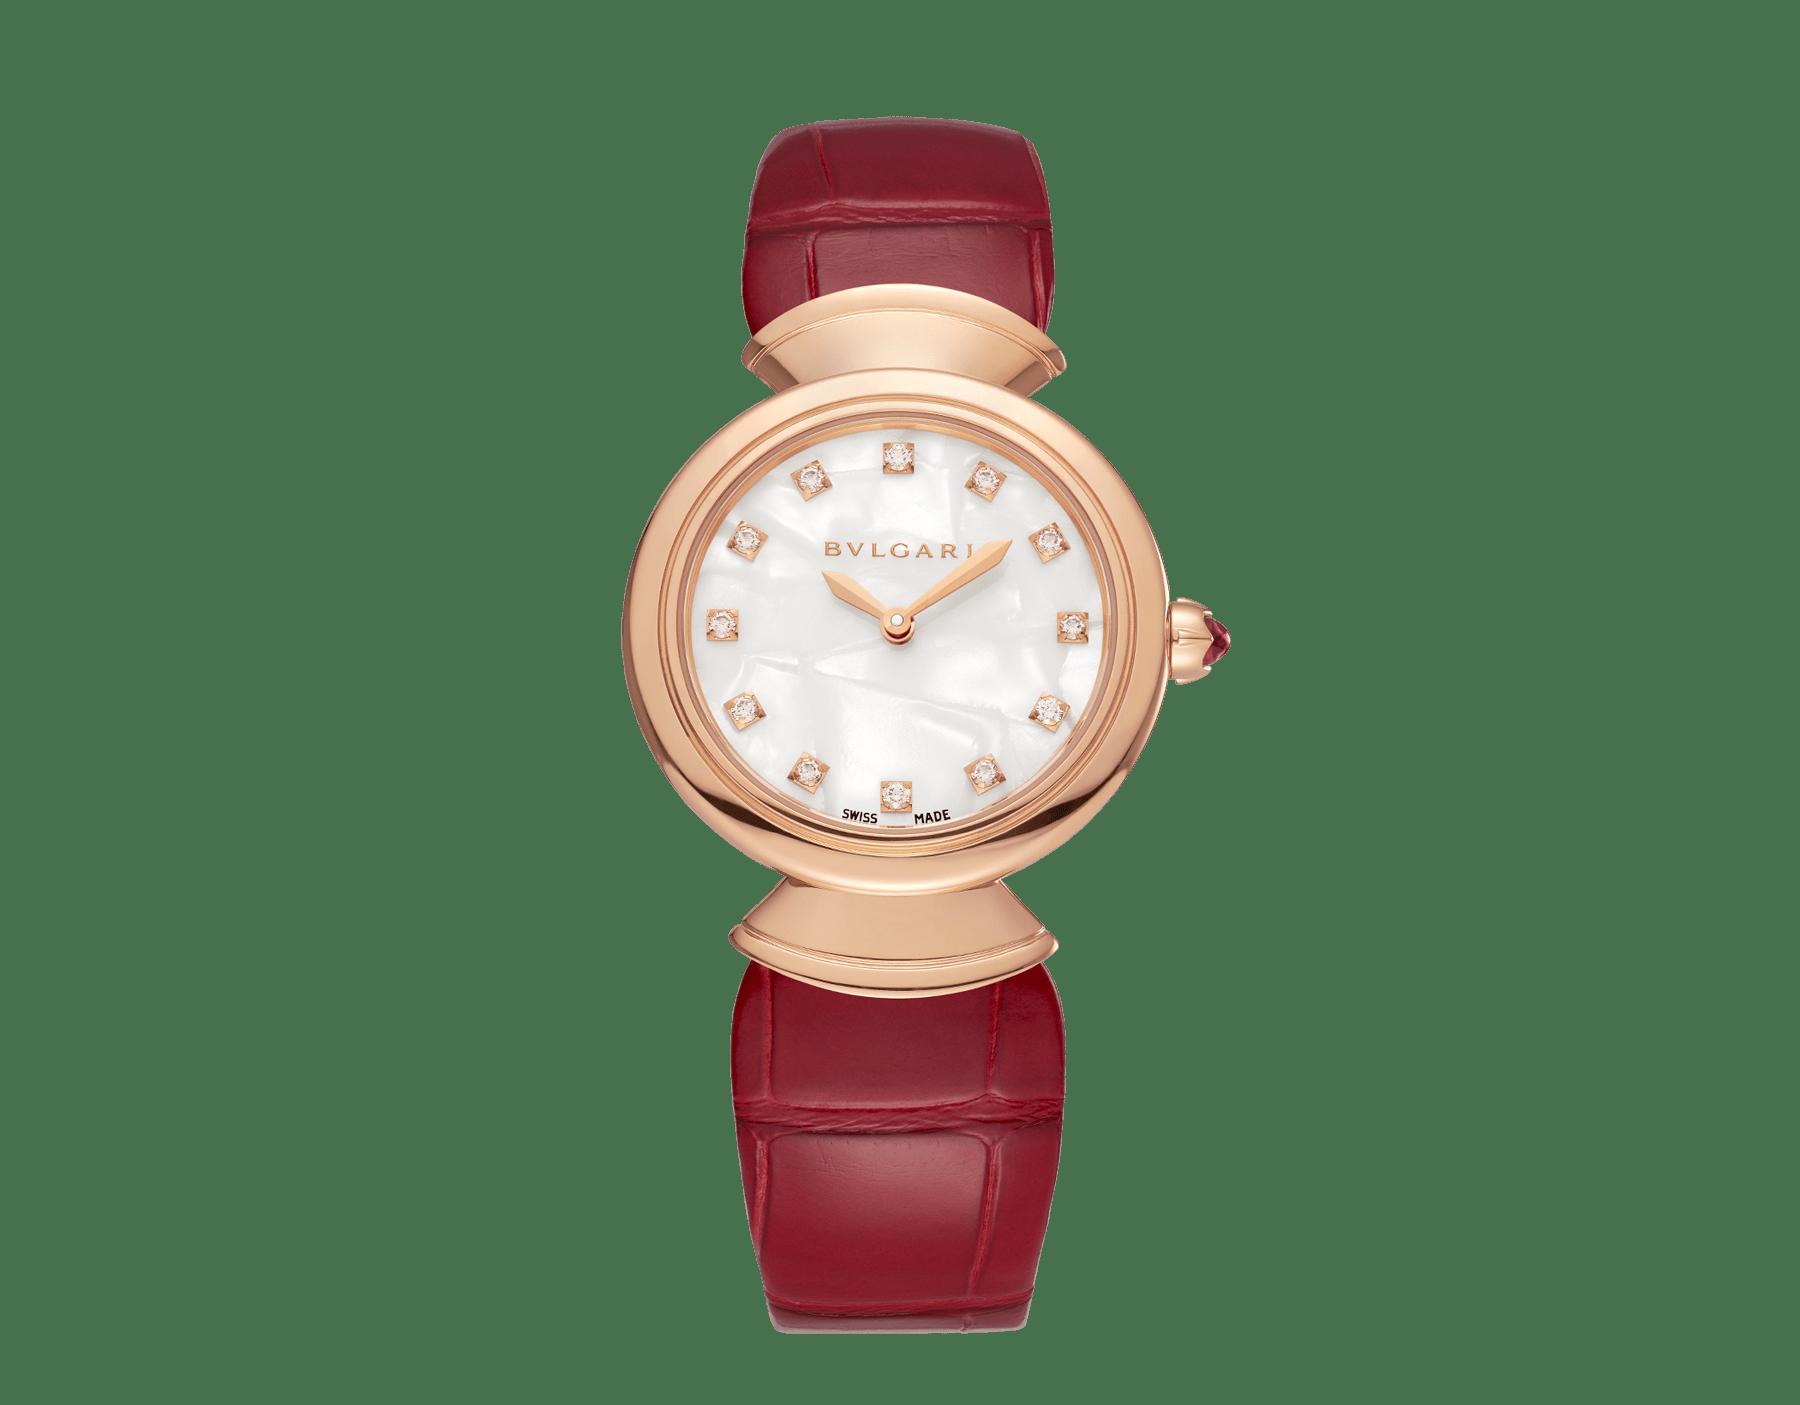 Montre DIVAS' DREAM en or rose 18K, cadran en acétate blanc avec index sertis de diamants et bracelet en alligator rouge. 102840 image 1